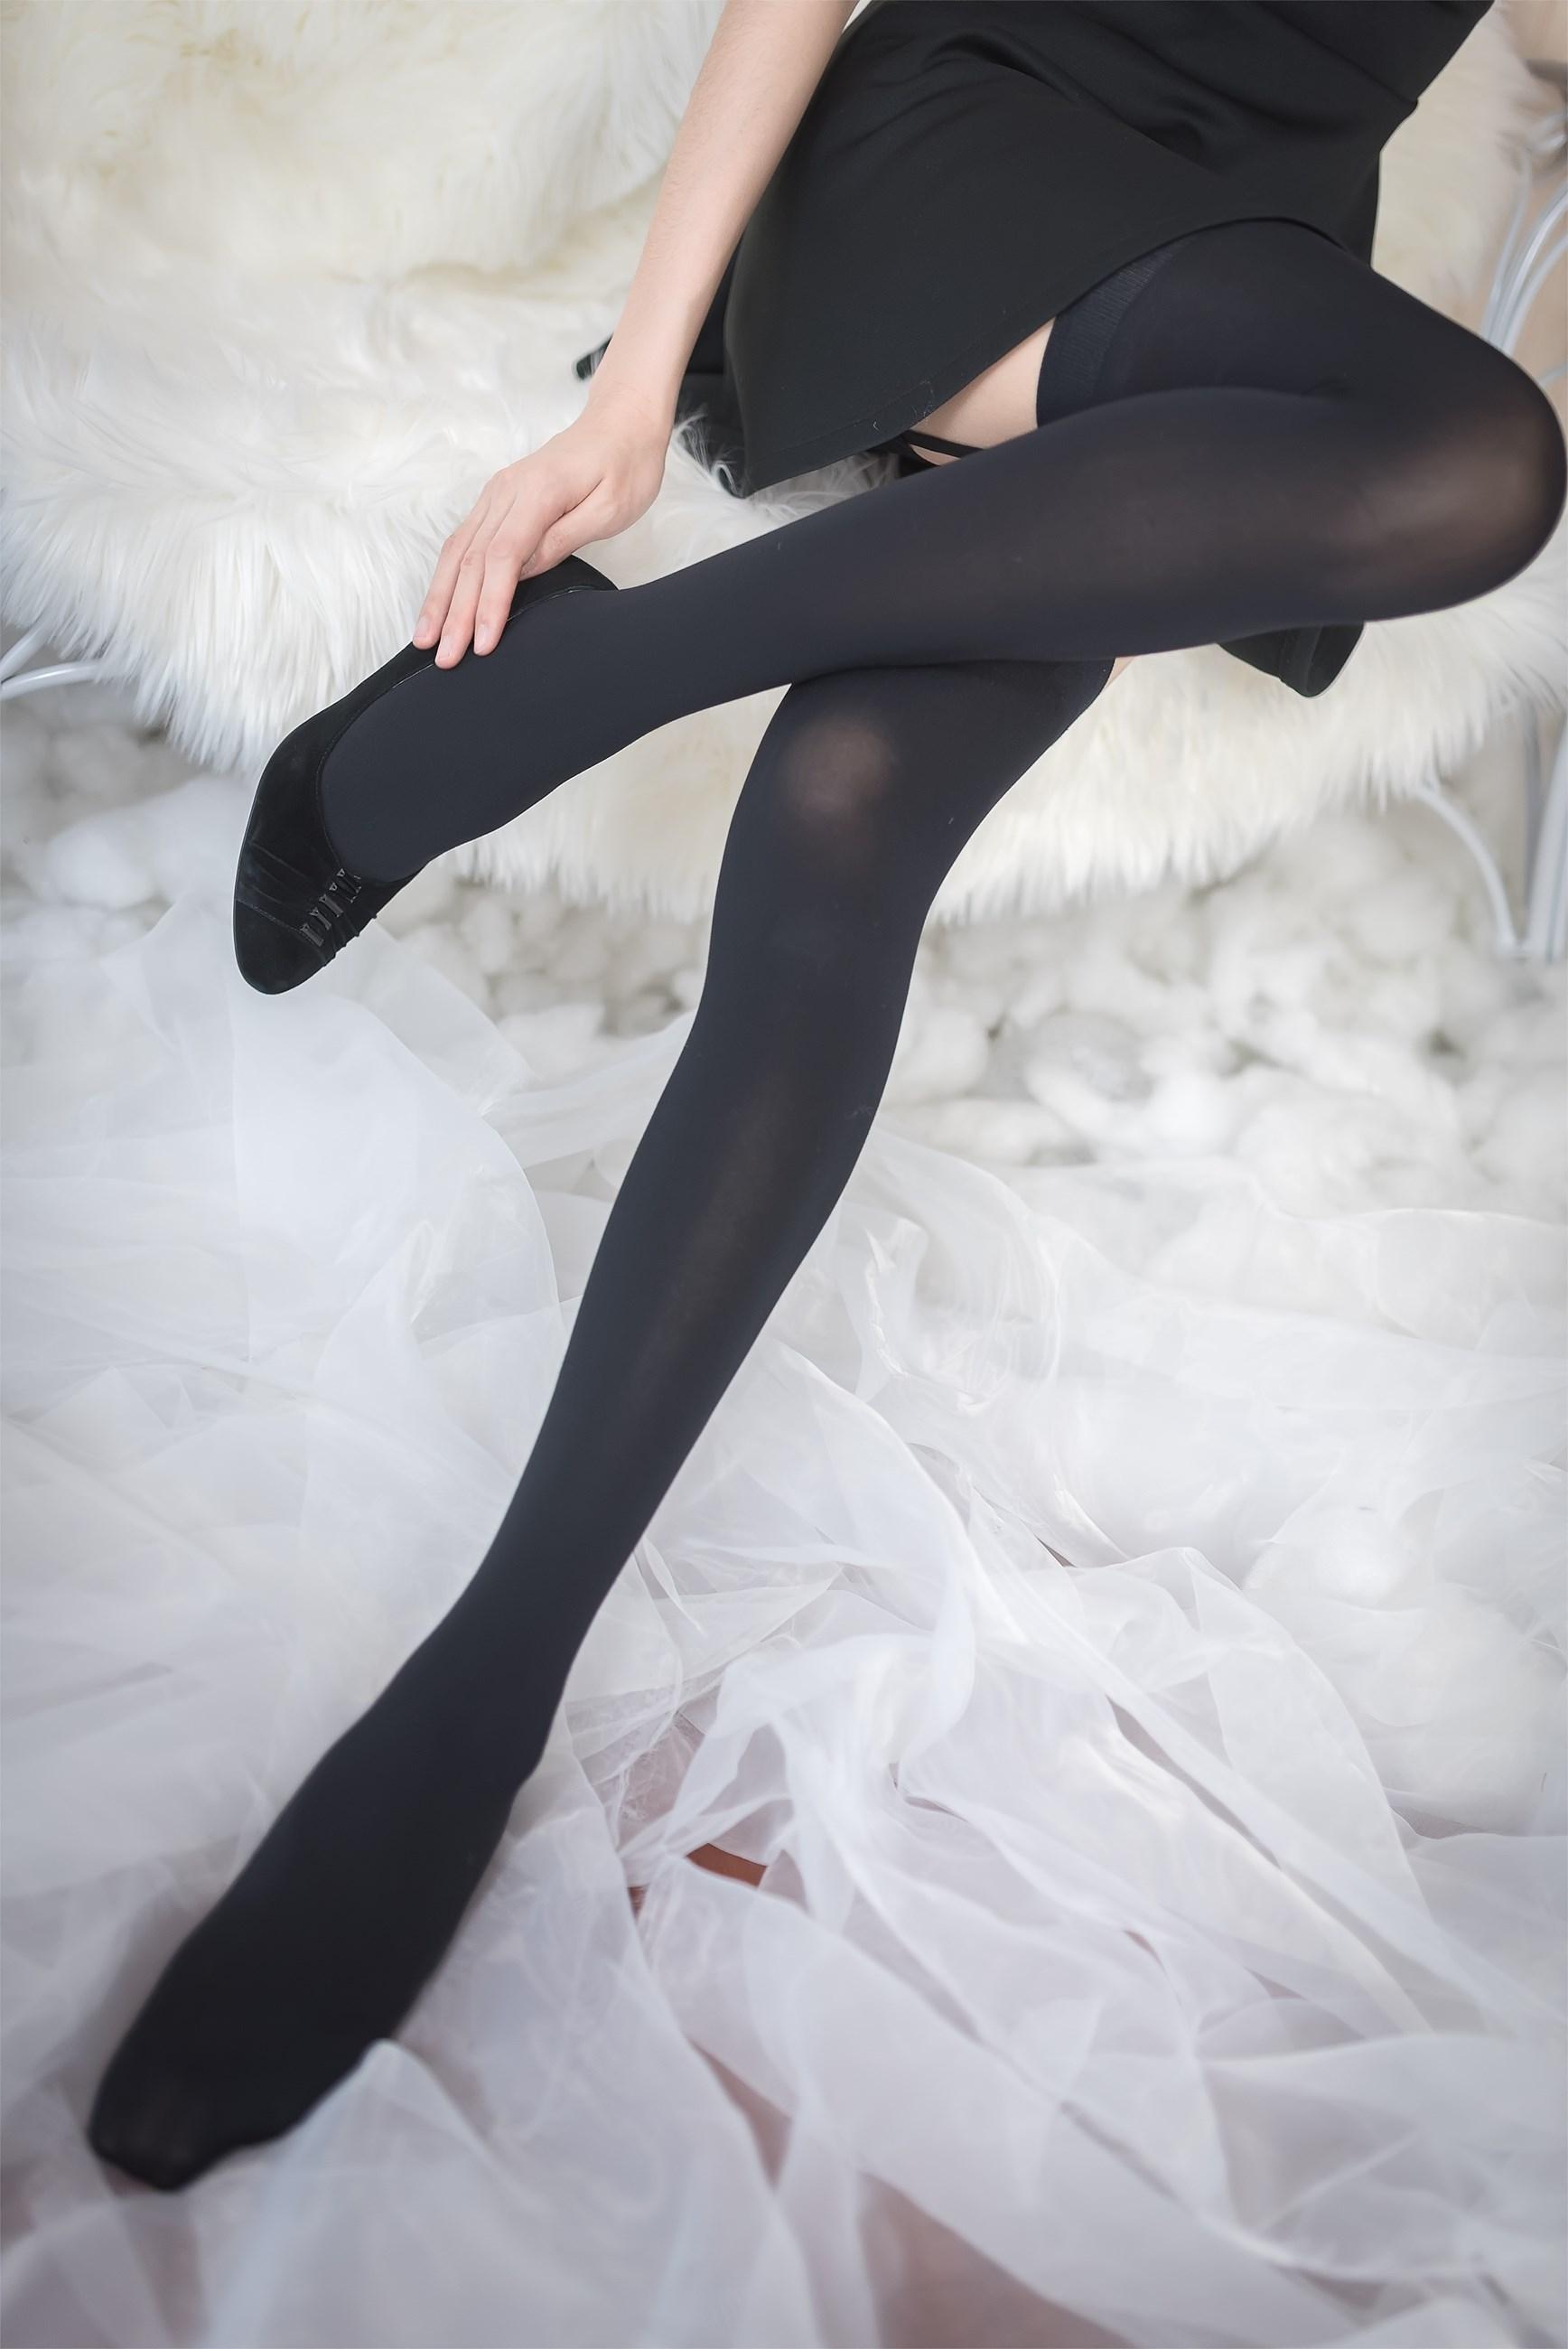 【兔玩映画】吊带 · 丝袜 · 天使 兔玩映画 第33张